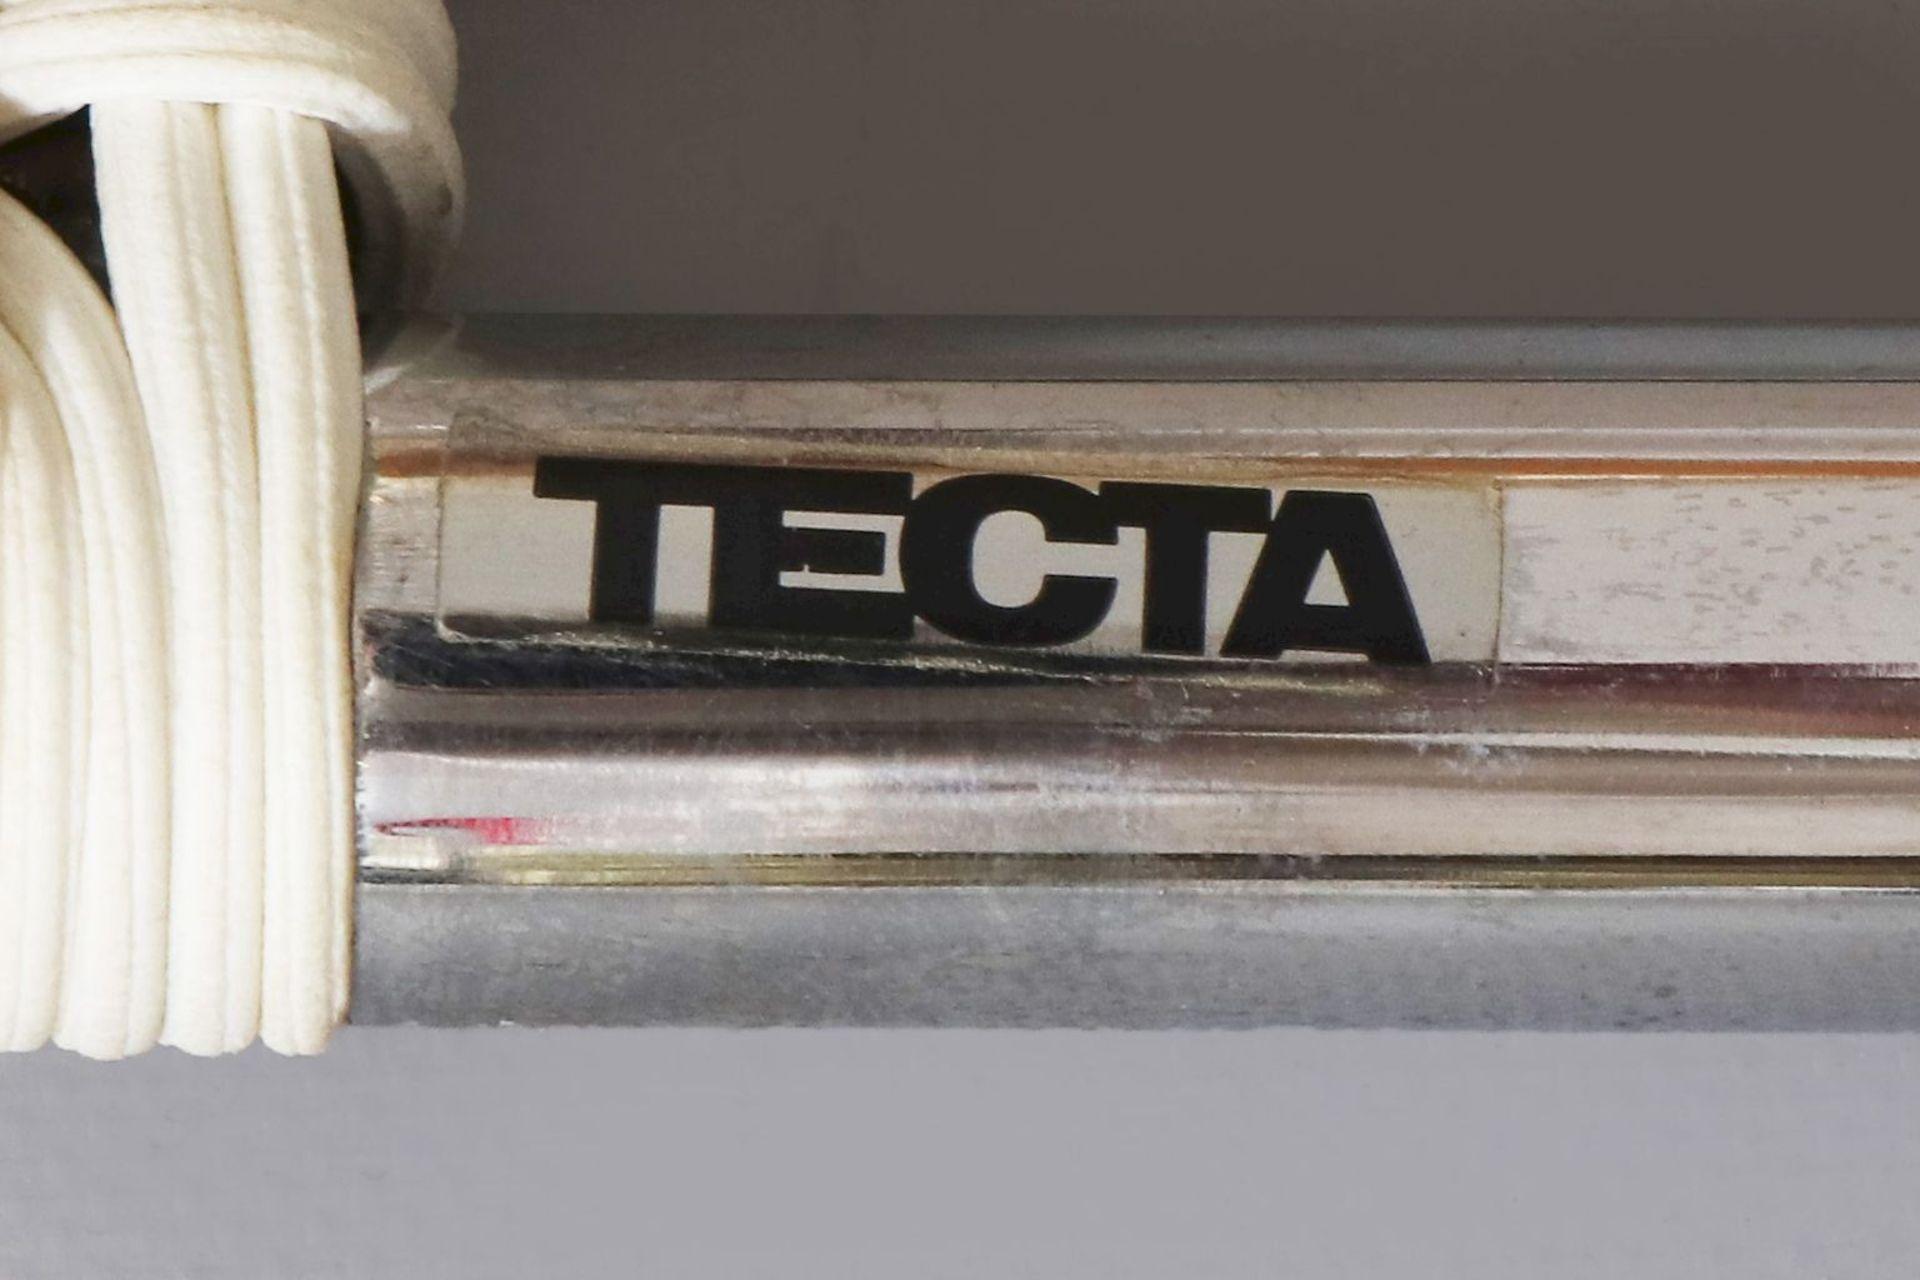 6 TECTA Freischwingerstühle ¨B20¨ - Image 4 of 4